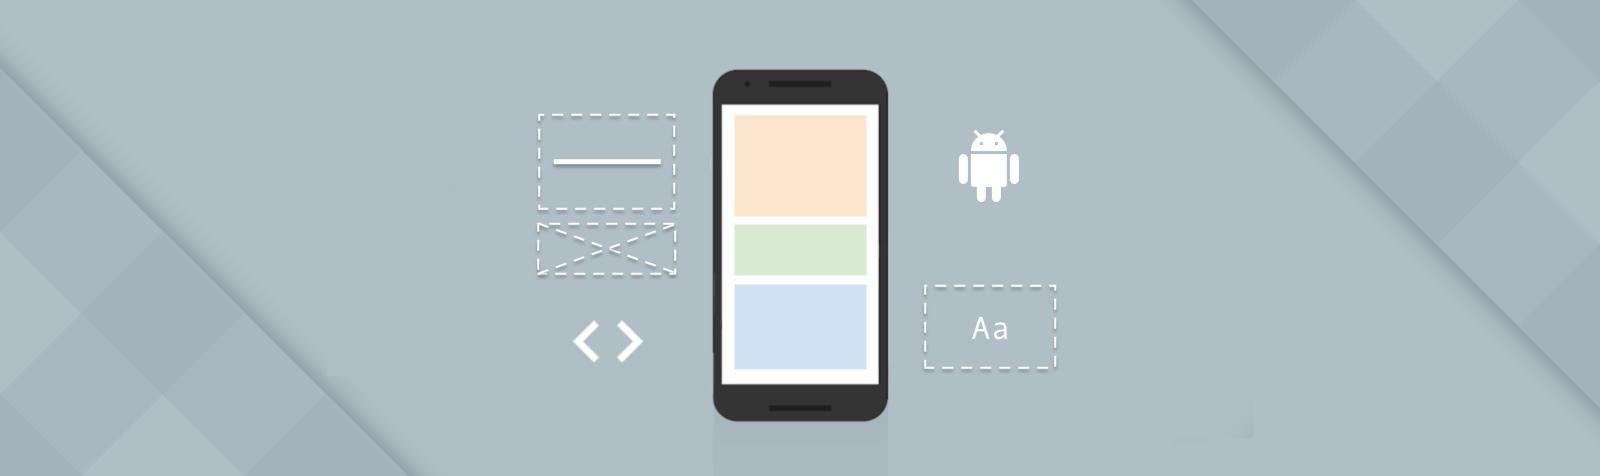 「译」Google 最新发布了 Fragment 的新特性 Fragment 间传递数据的新方式 以及源码分析